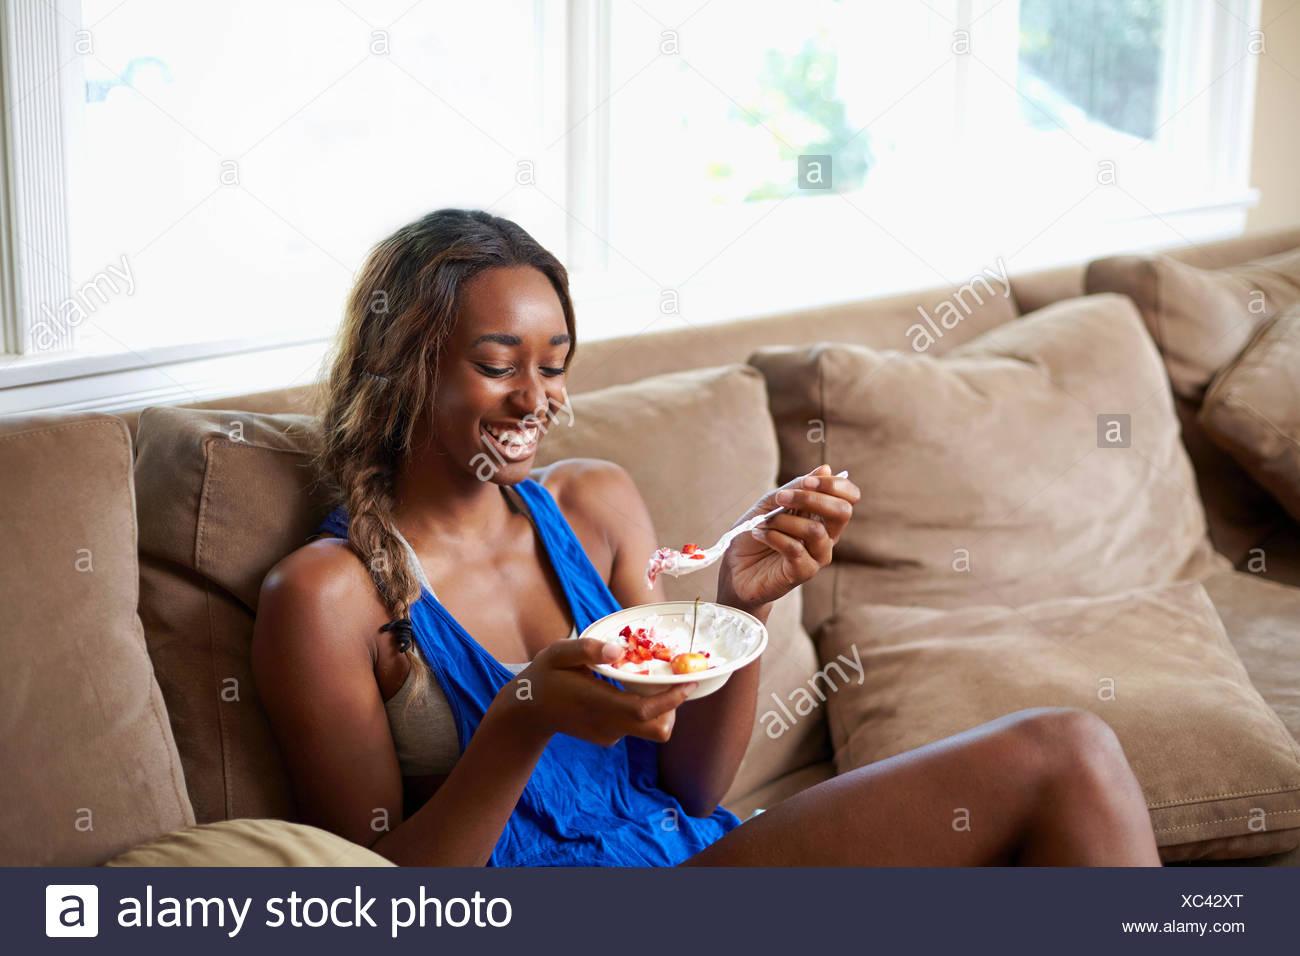 Mujer joven tomando un salto de entrenamiento, comer fruta en el sofá Imagen De Stock